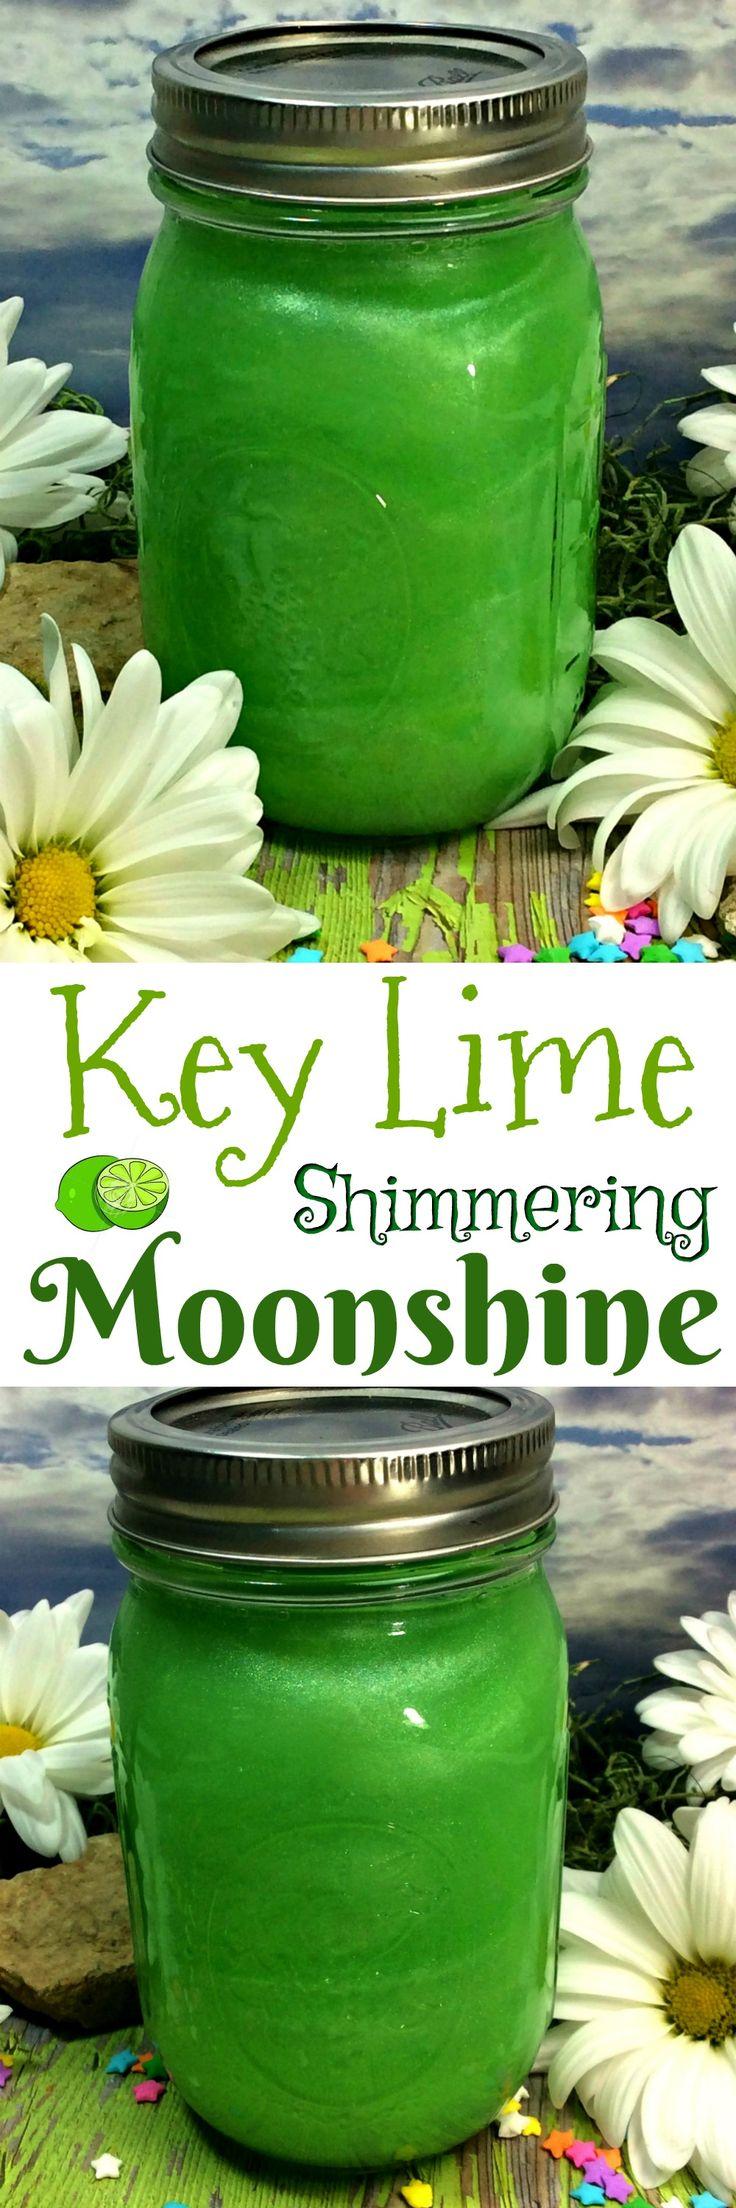 Key Lime Shimmering Moonshine